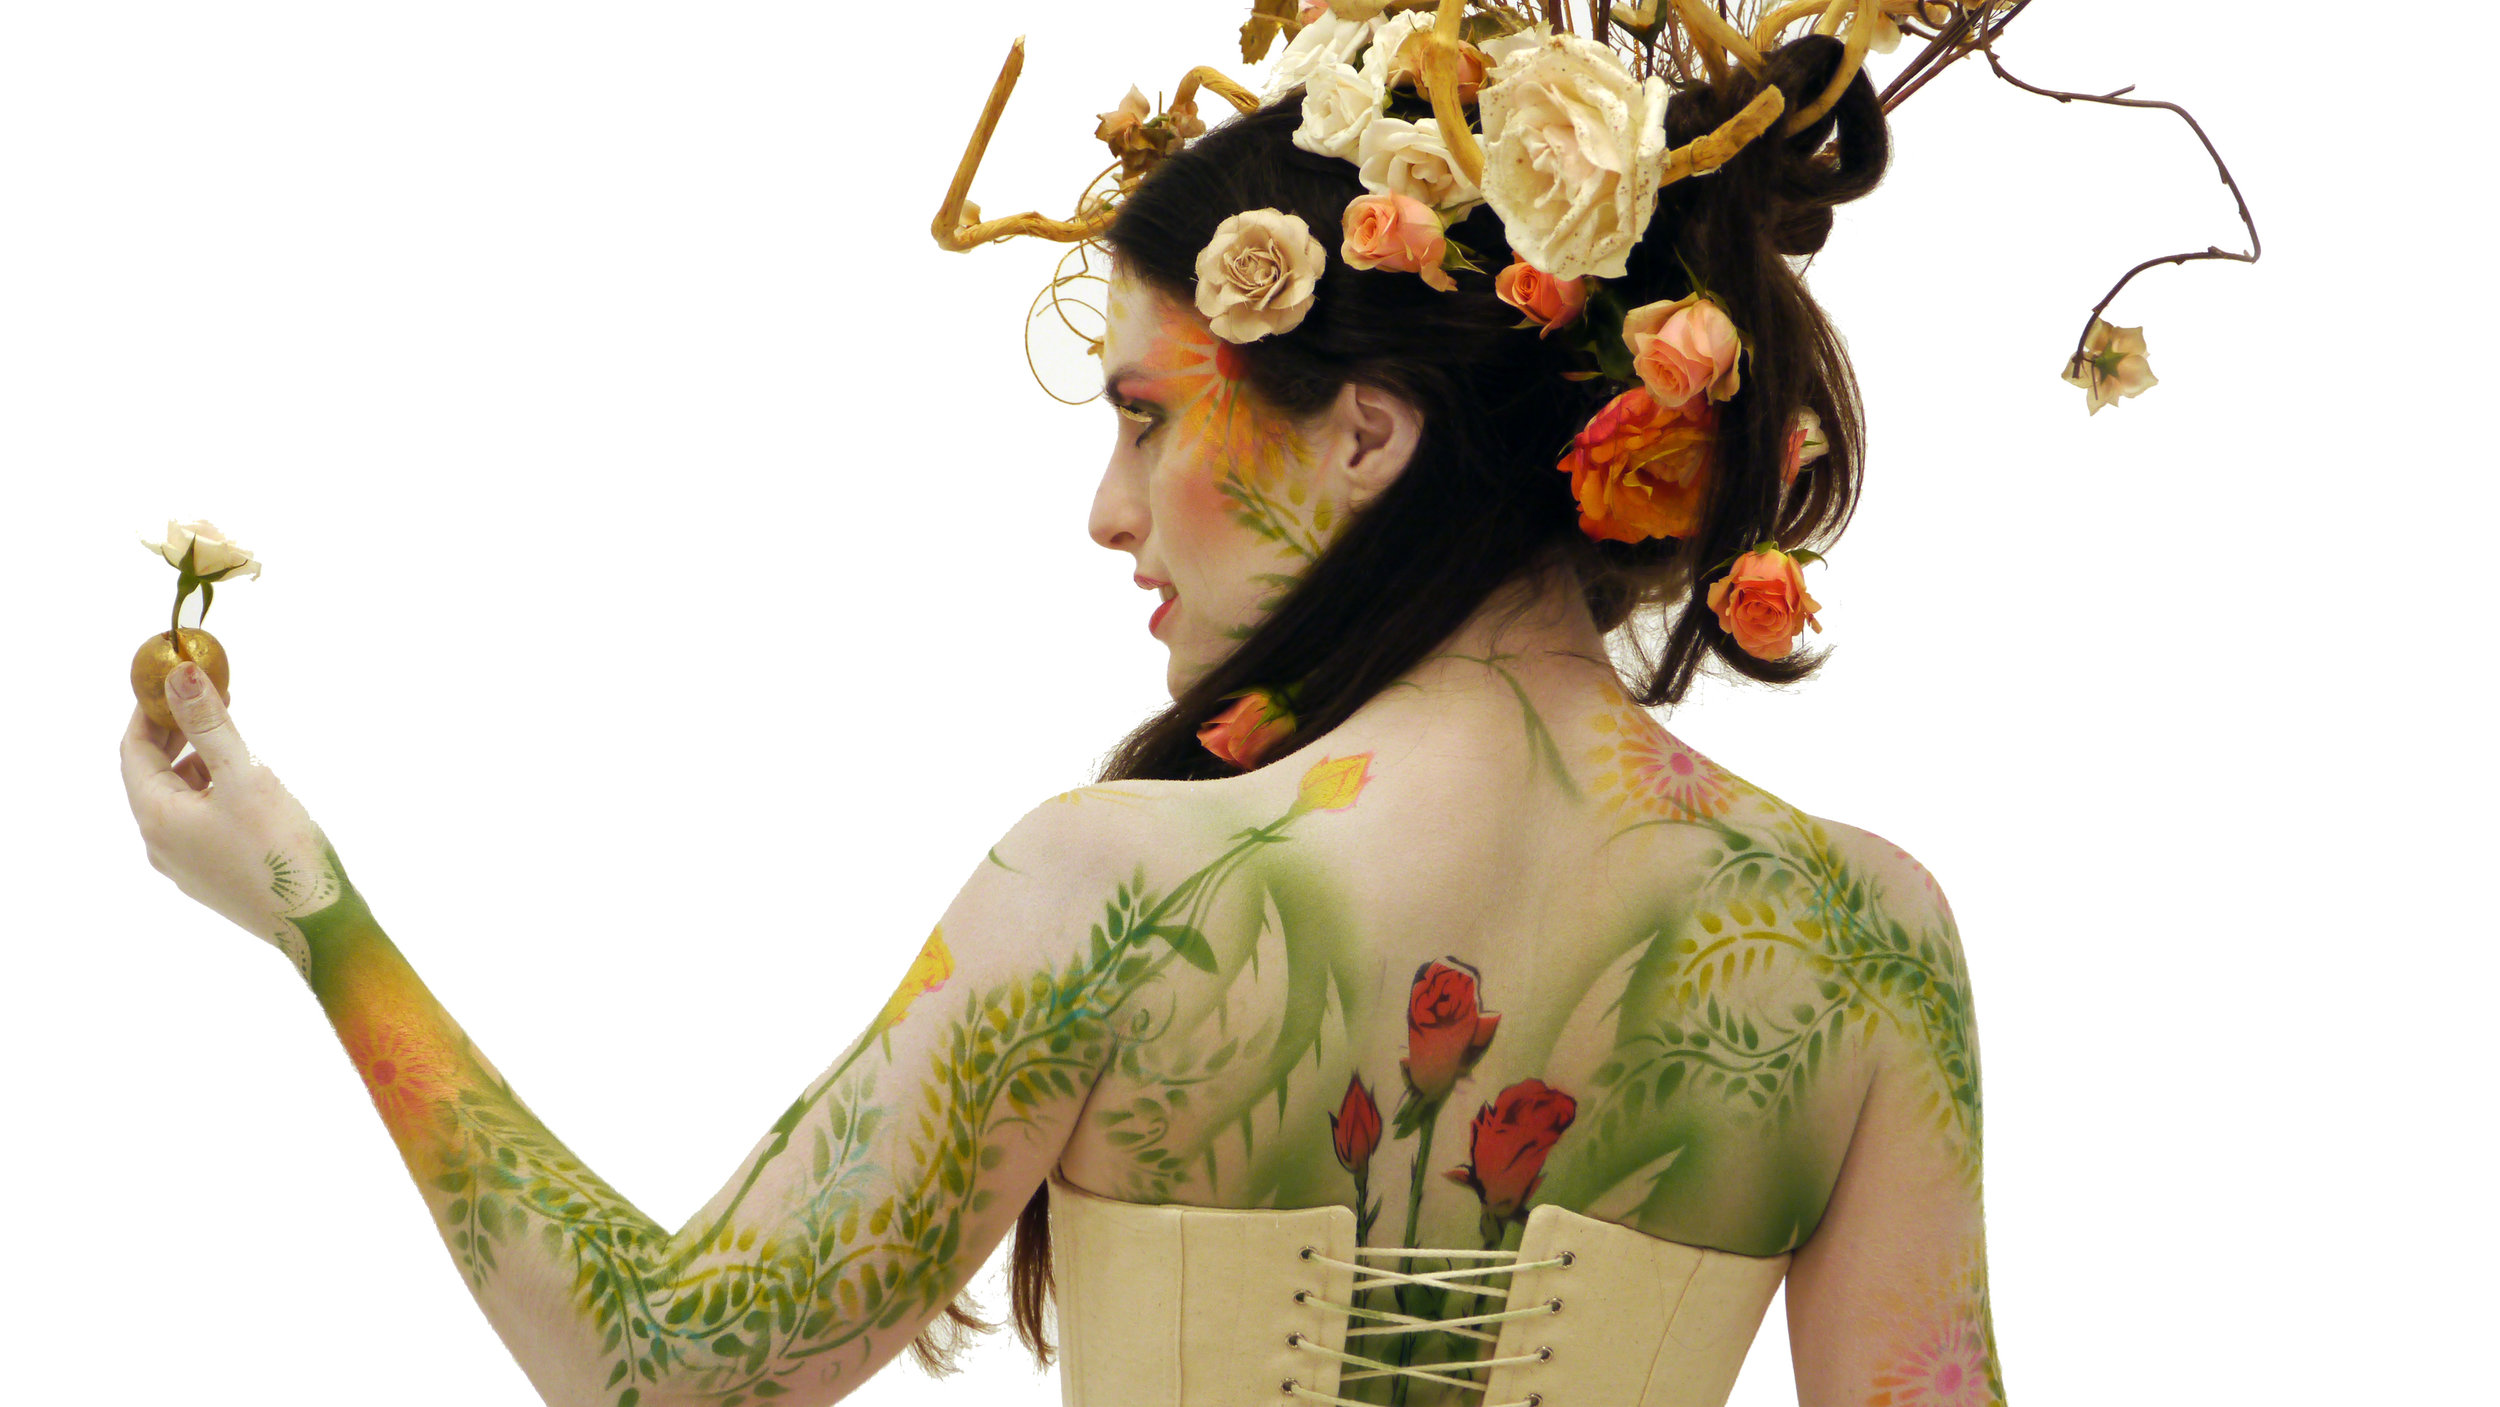 marya_stark_the_garden_airbrush_rose_crown_goddes.jpg